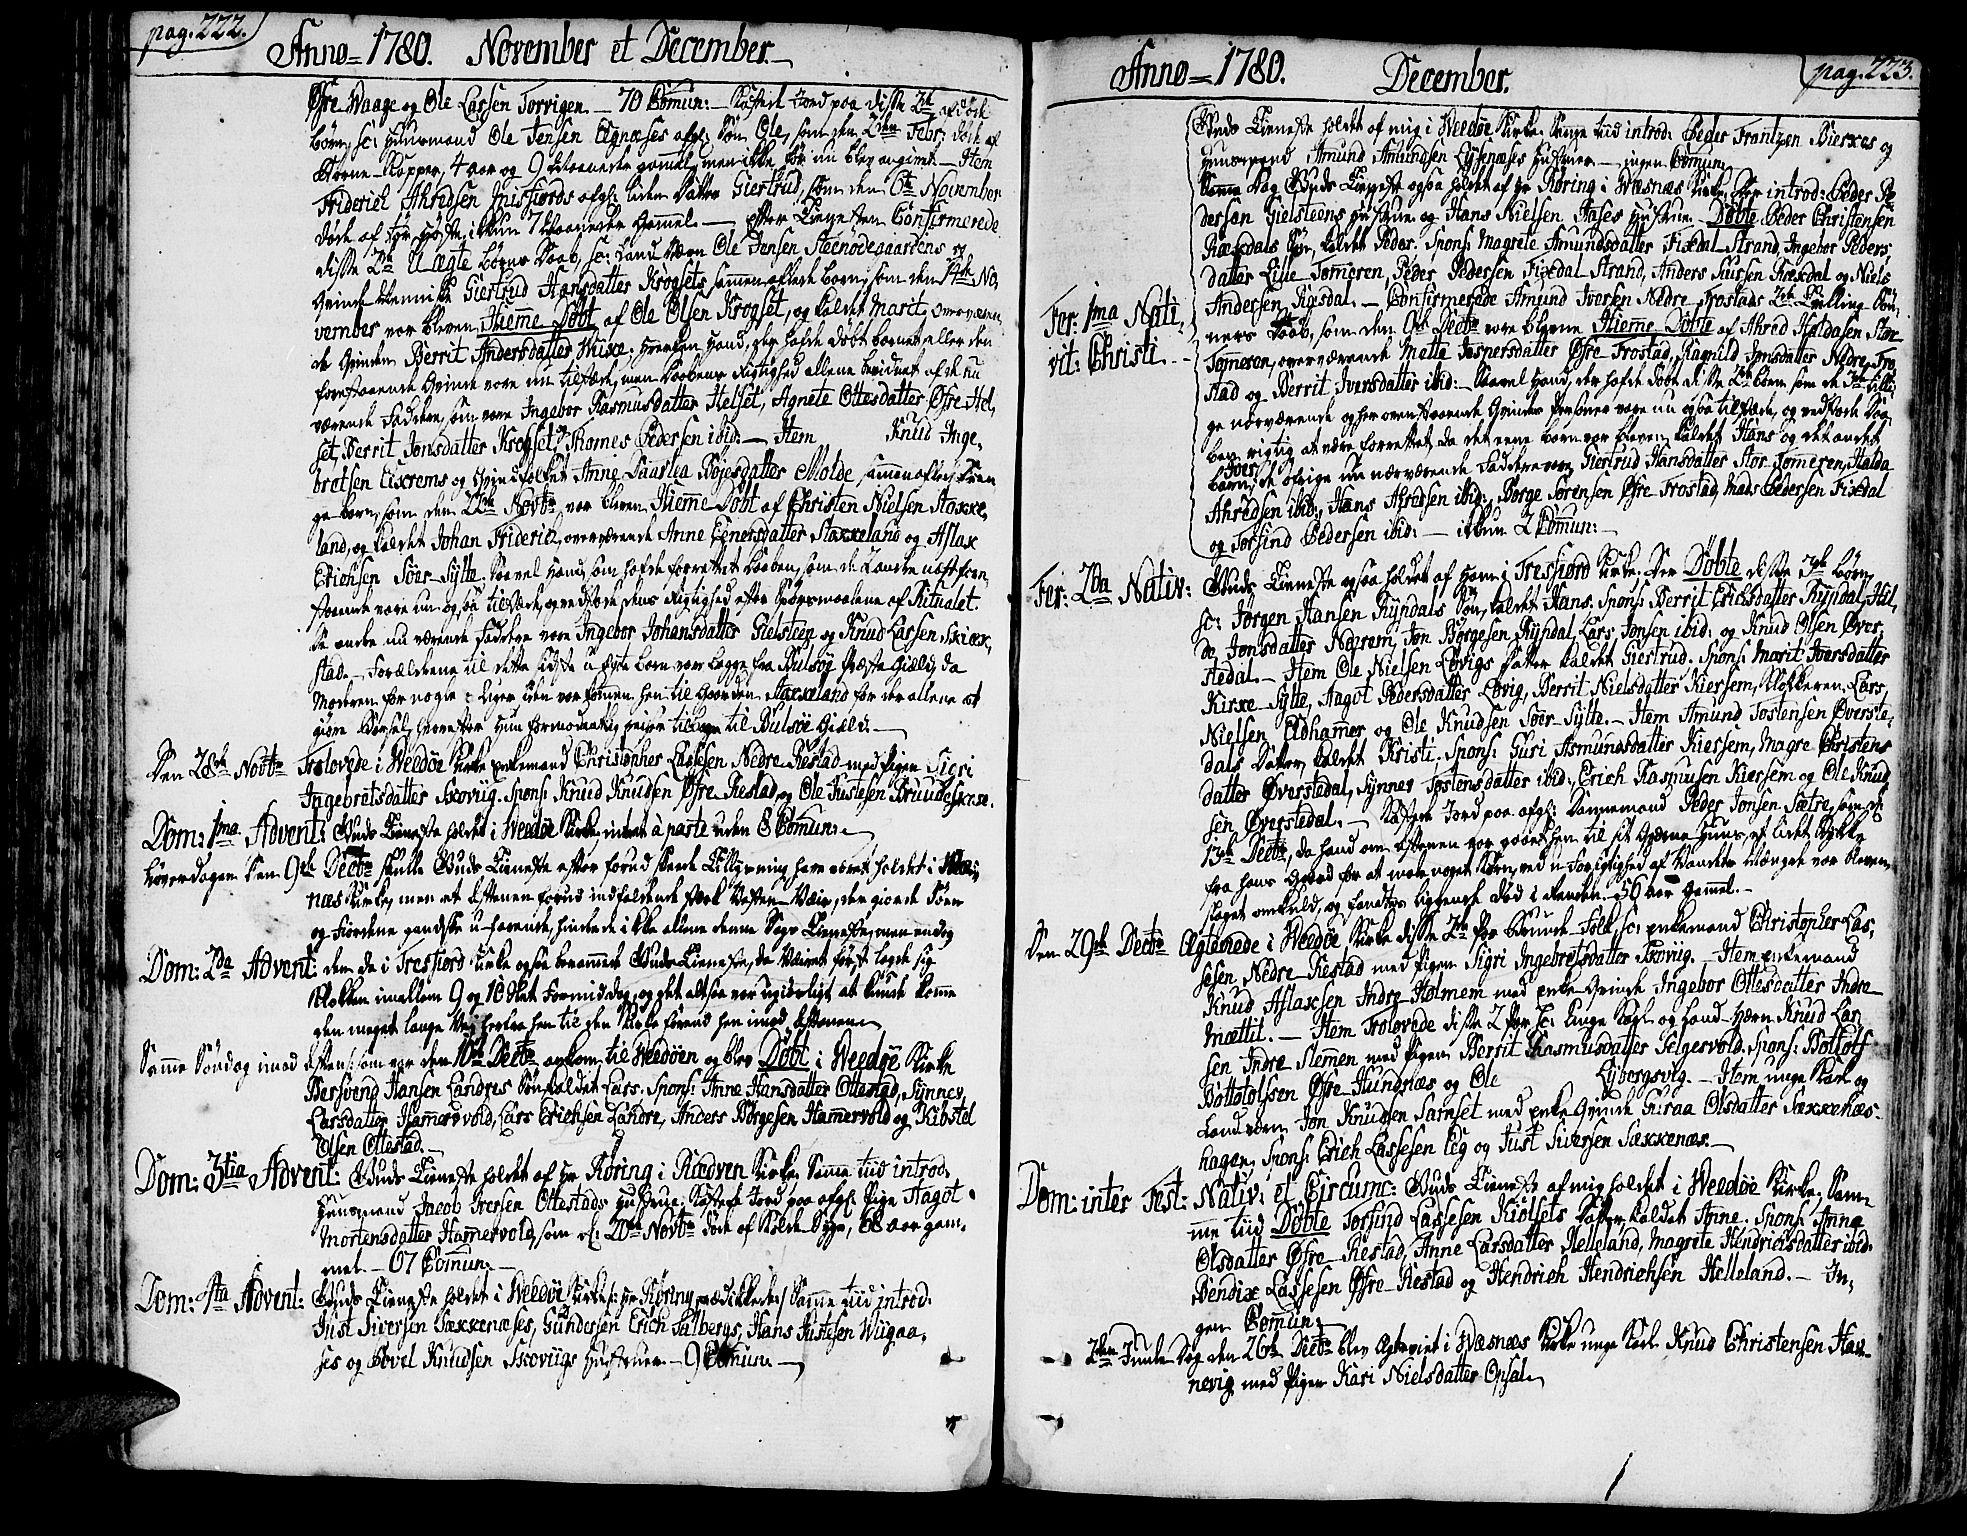 SAT, Ministerialprotokoller, klokkerbøker og fødselsregistre - Møre og Romsdal, 547/L0600: Parish register (official) no. 547A02, 1765-1799, p. 222-223